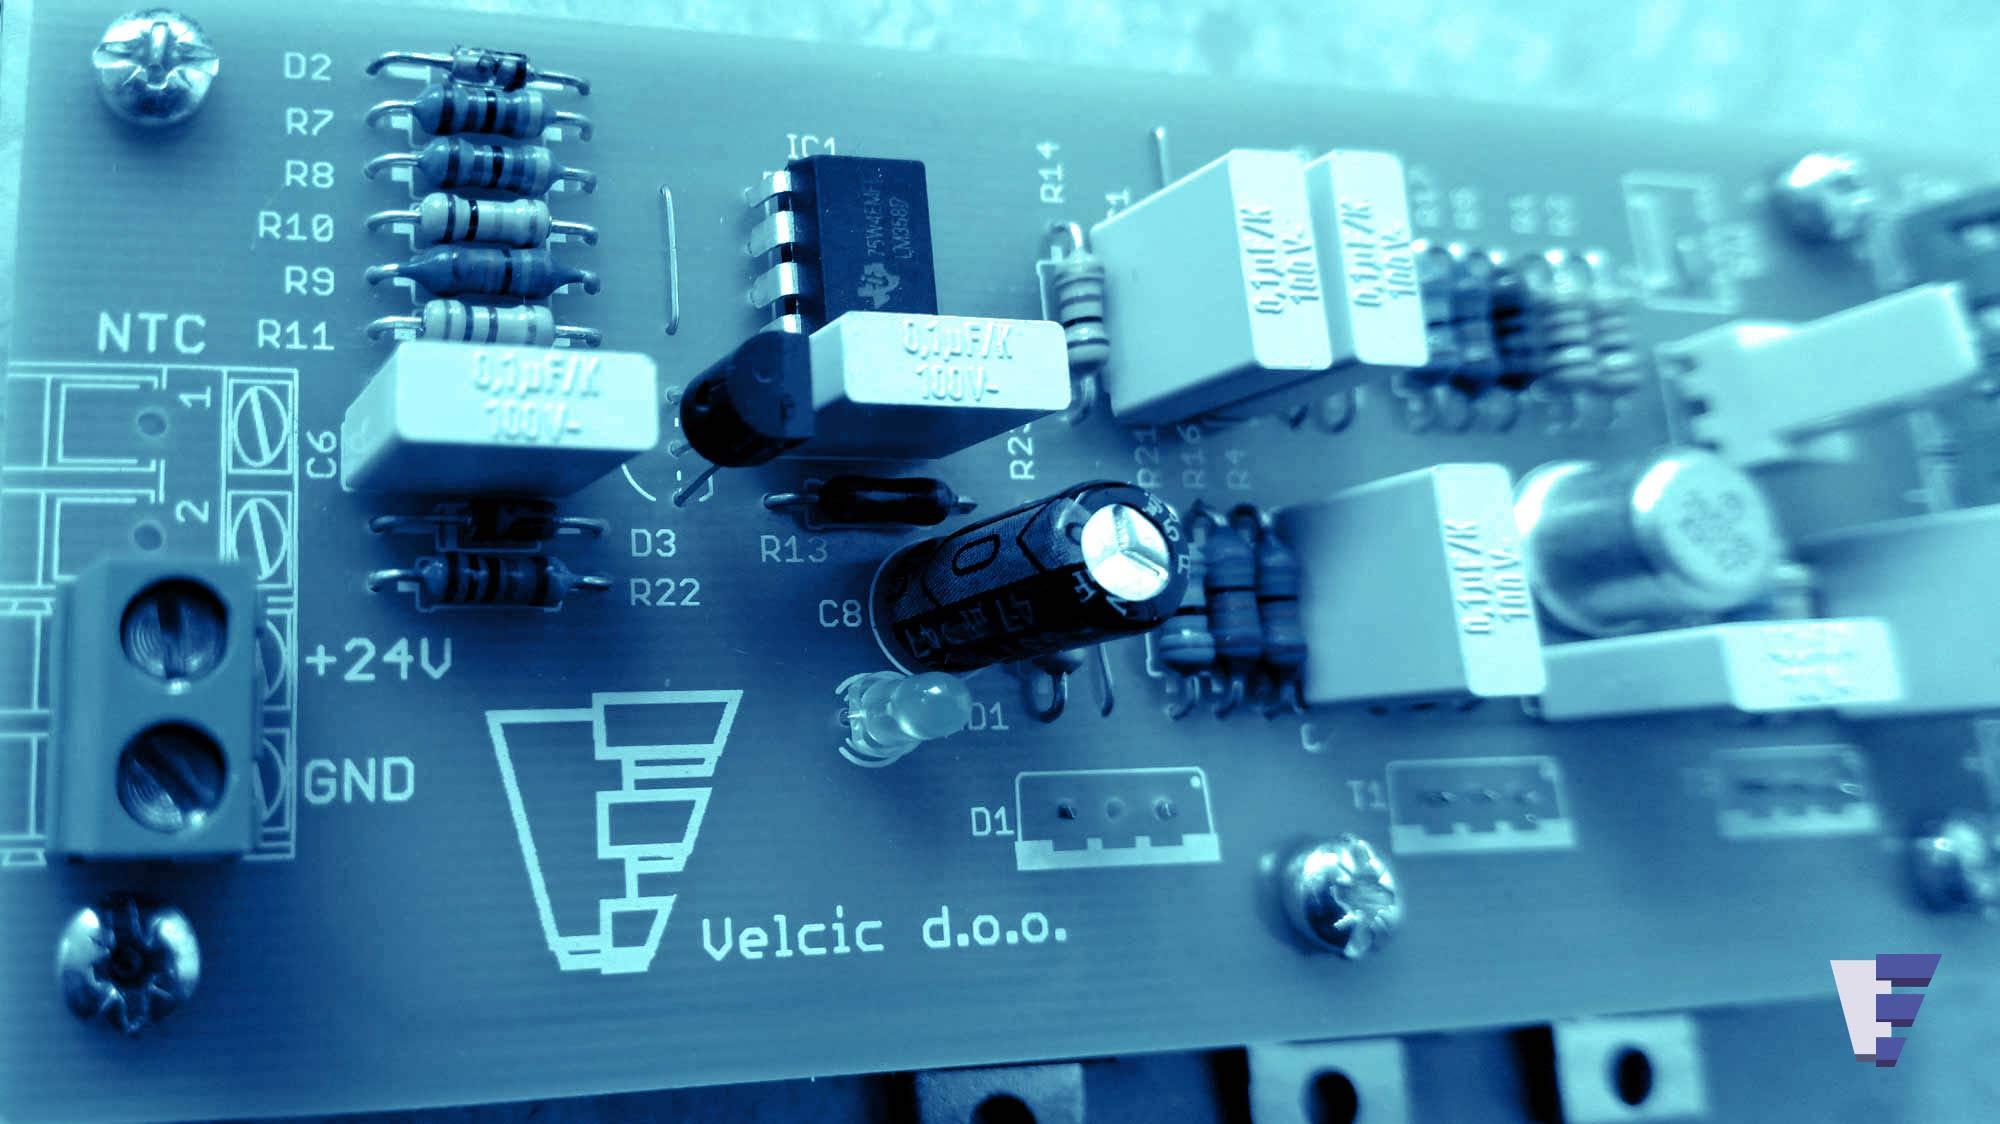 Velčić d.o.o. - Stolna ventilatorska jedinica - prisilna cirkulacija zraka